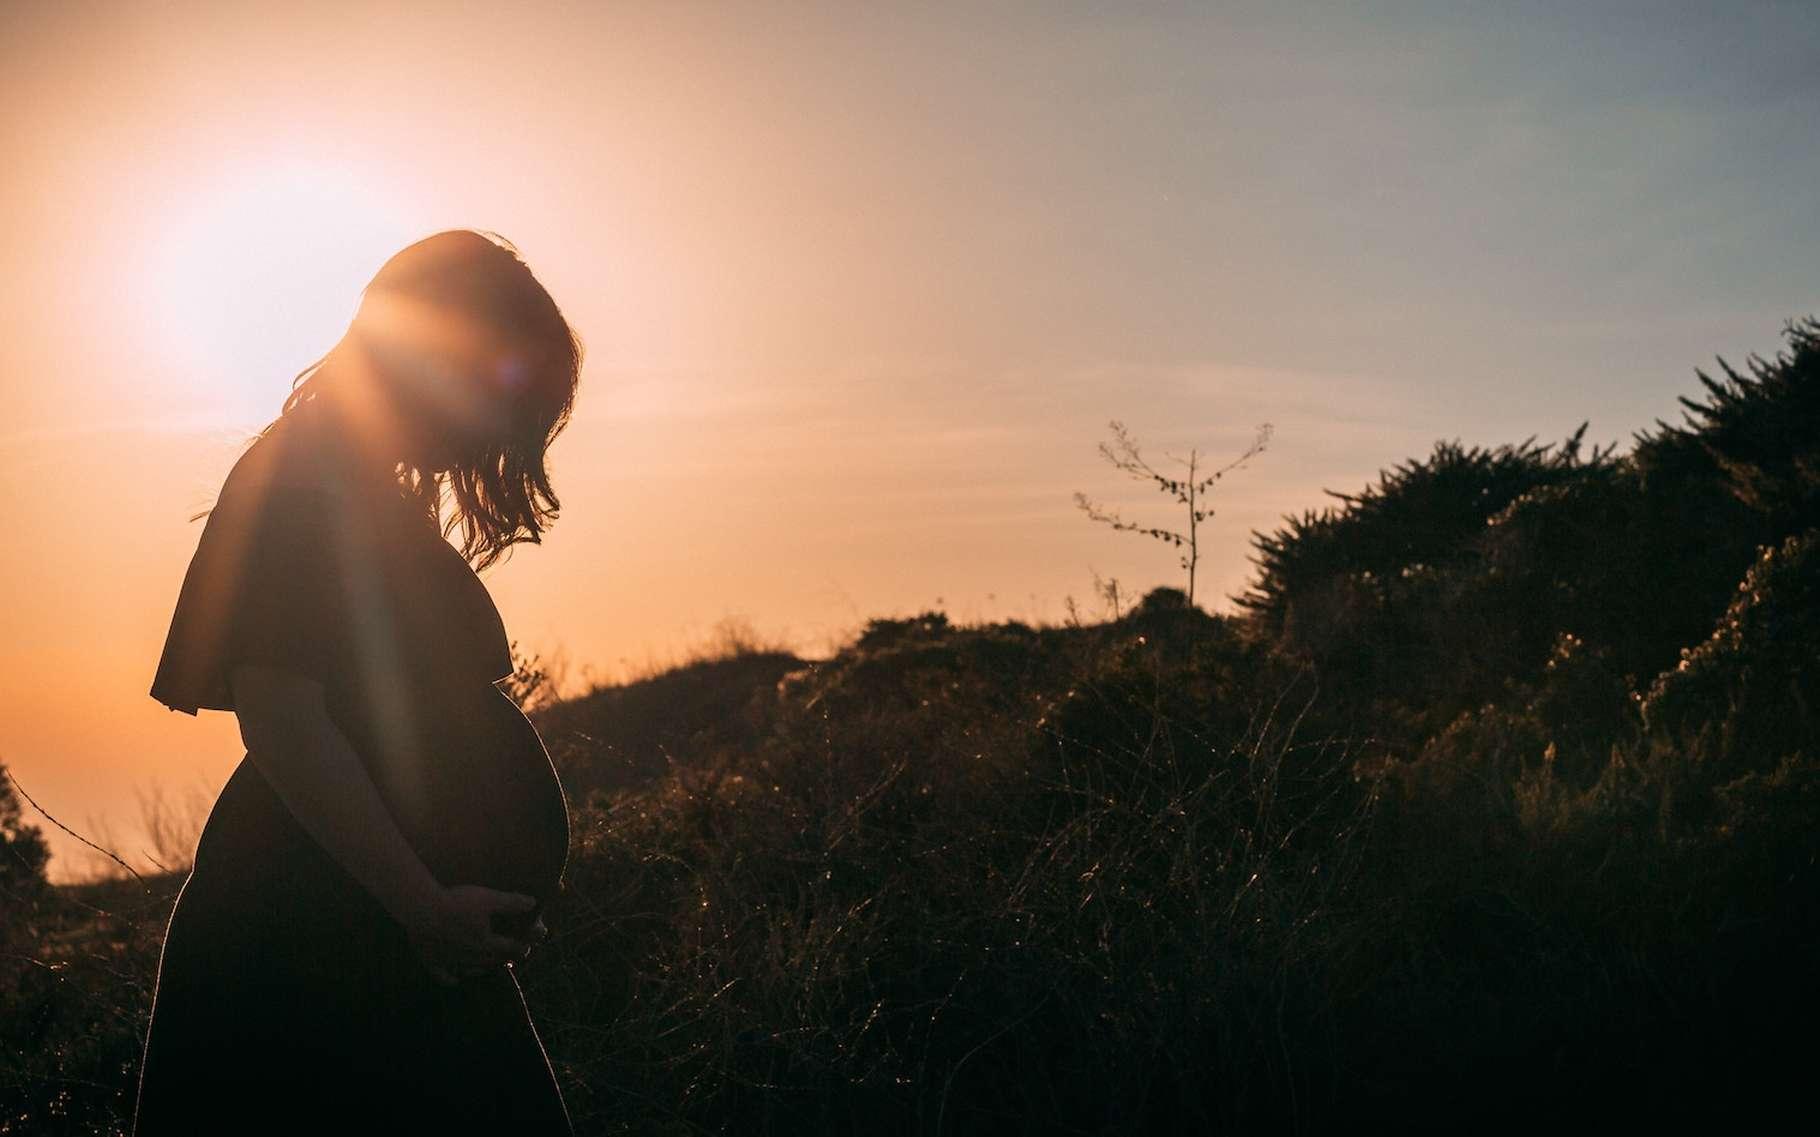 Les femmes atteintes d'hyperémèse gravidique sont prises de nausées et souffrent de vomissements tellement violents qu'ils mettent en danger leur vie et celle du bébé à venir. © Josh Bean, Unsplash